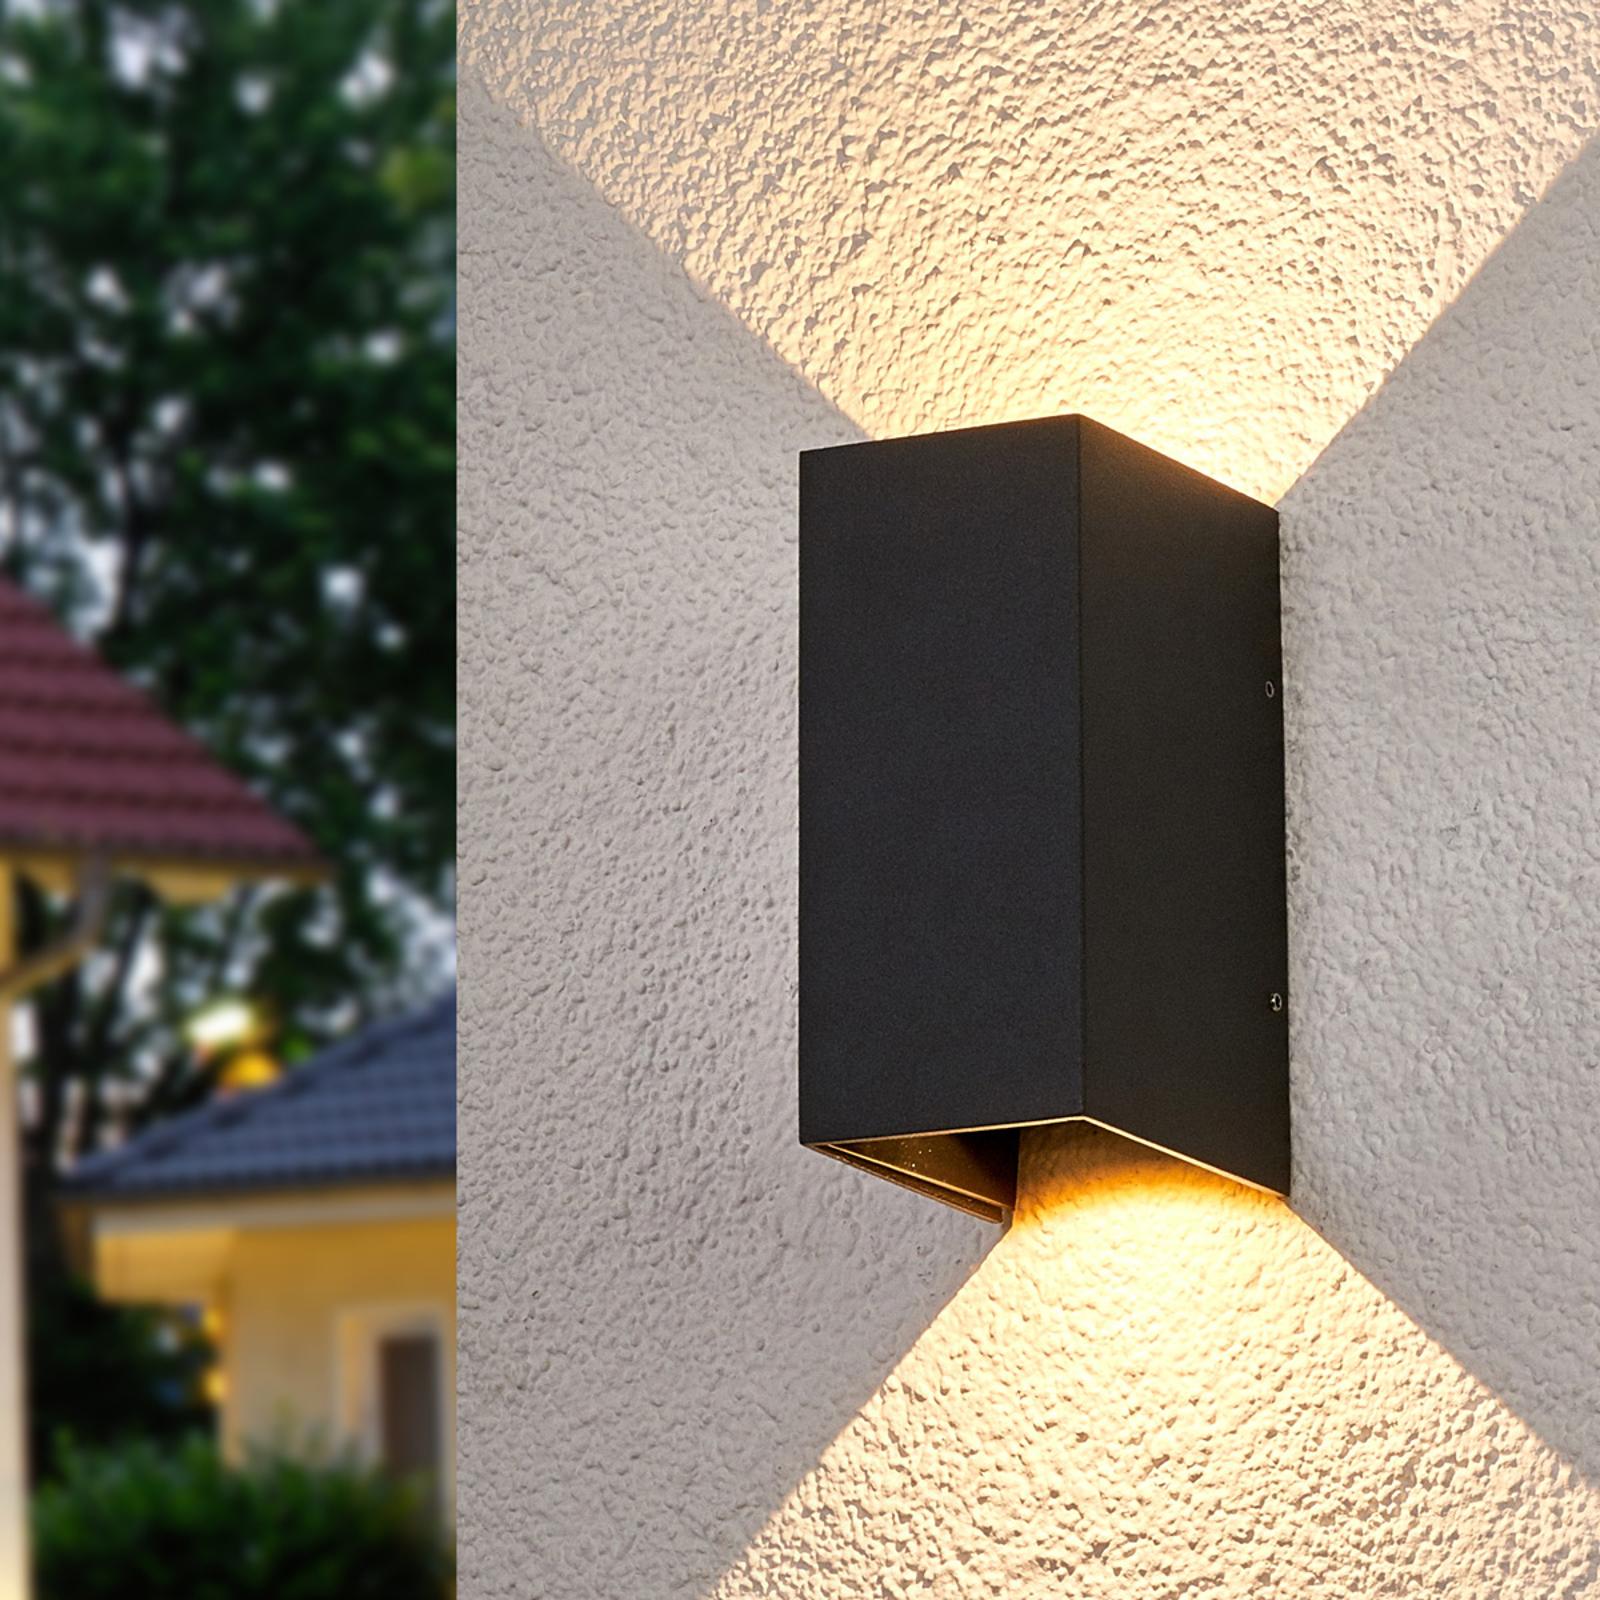 Kaksisuuntainen LED-seinävalaisin Kimian, ulos